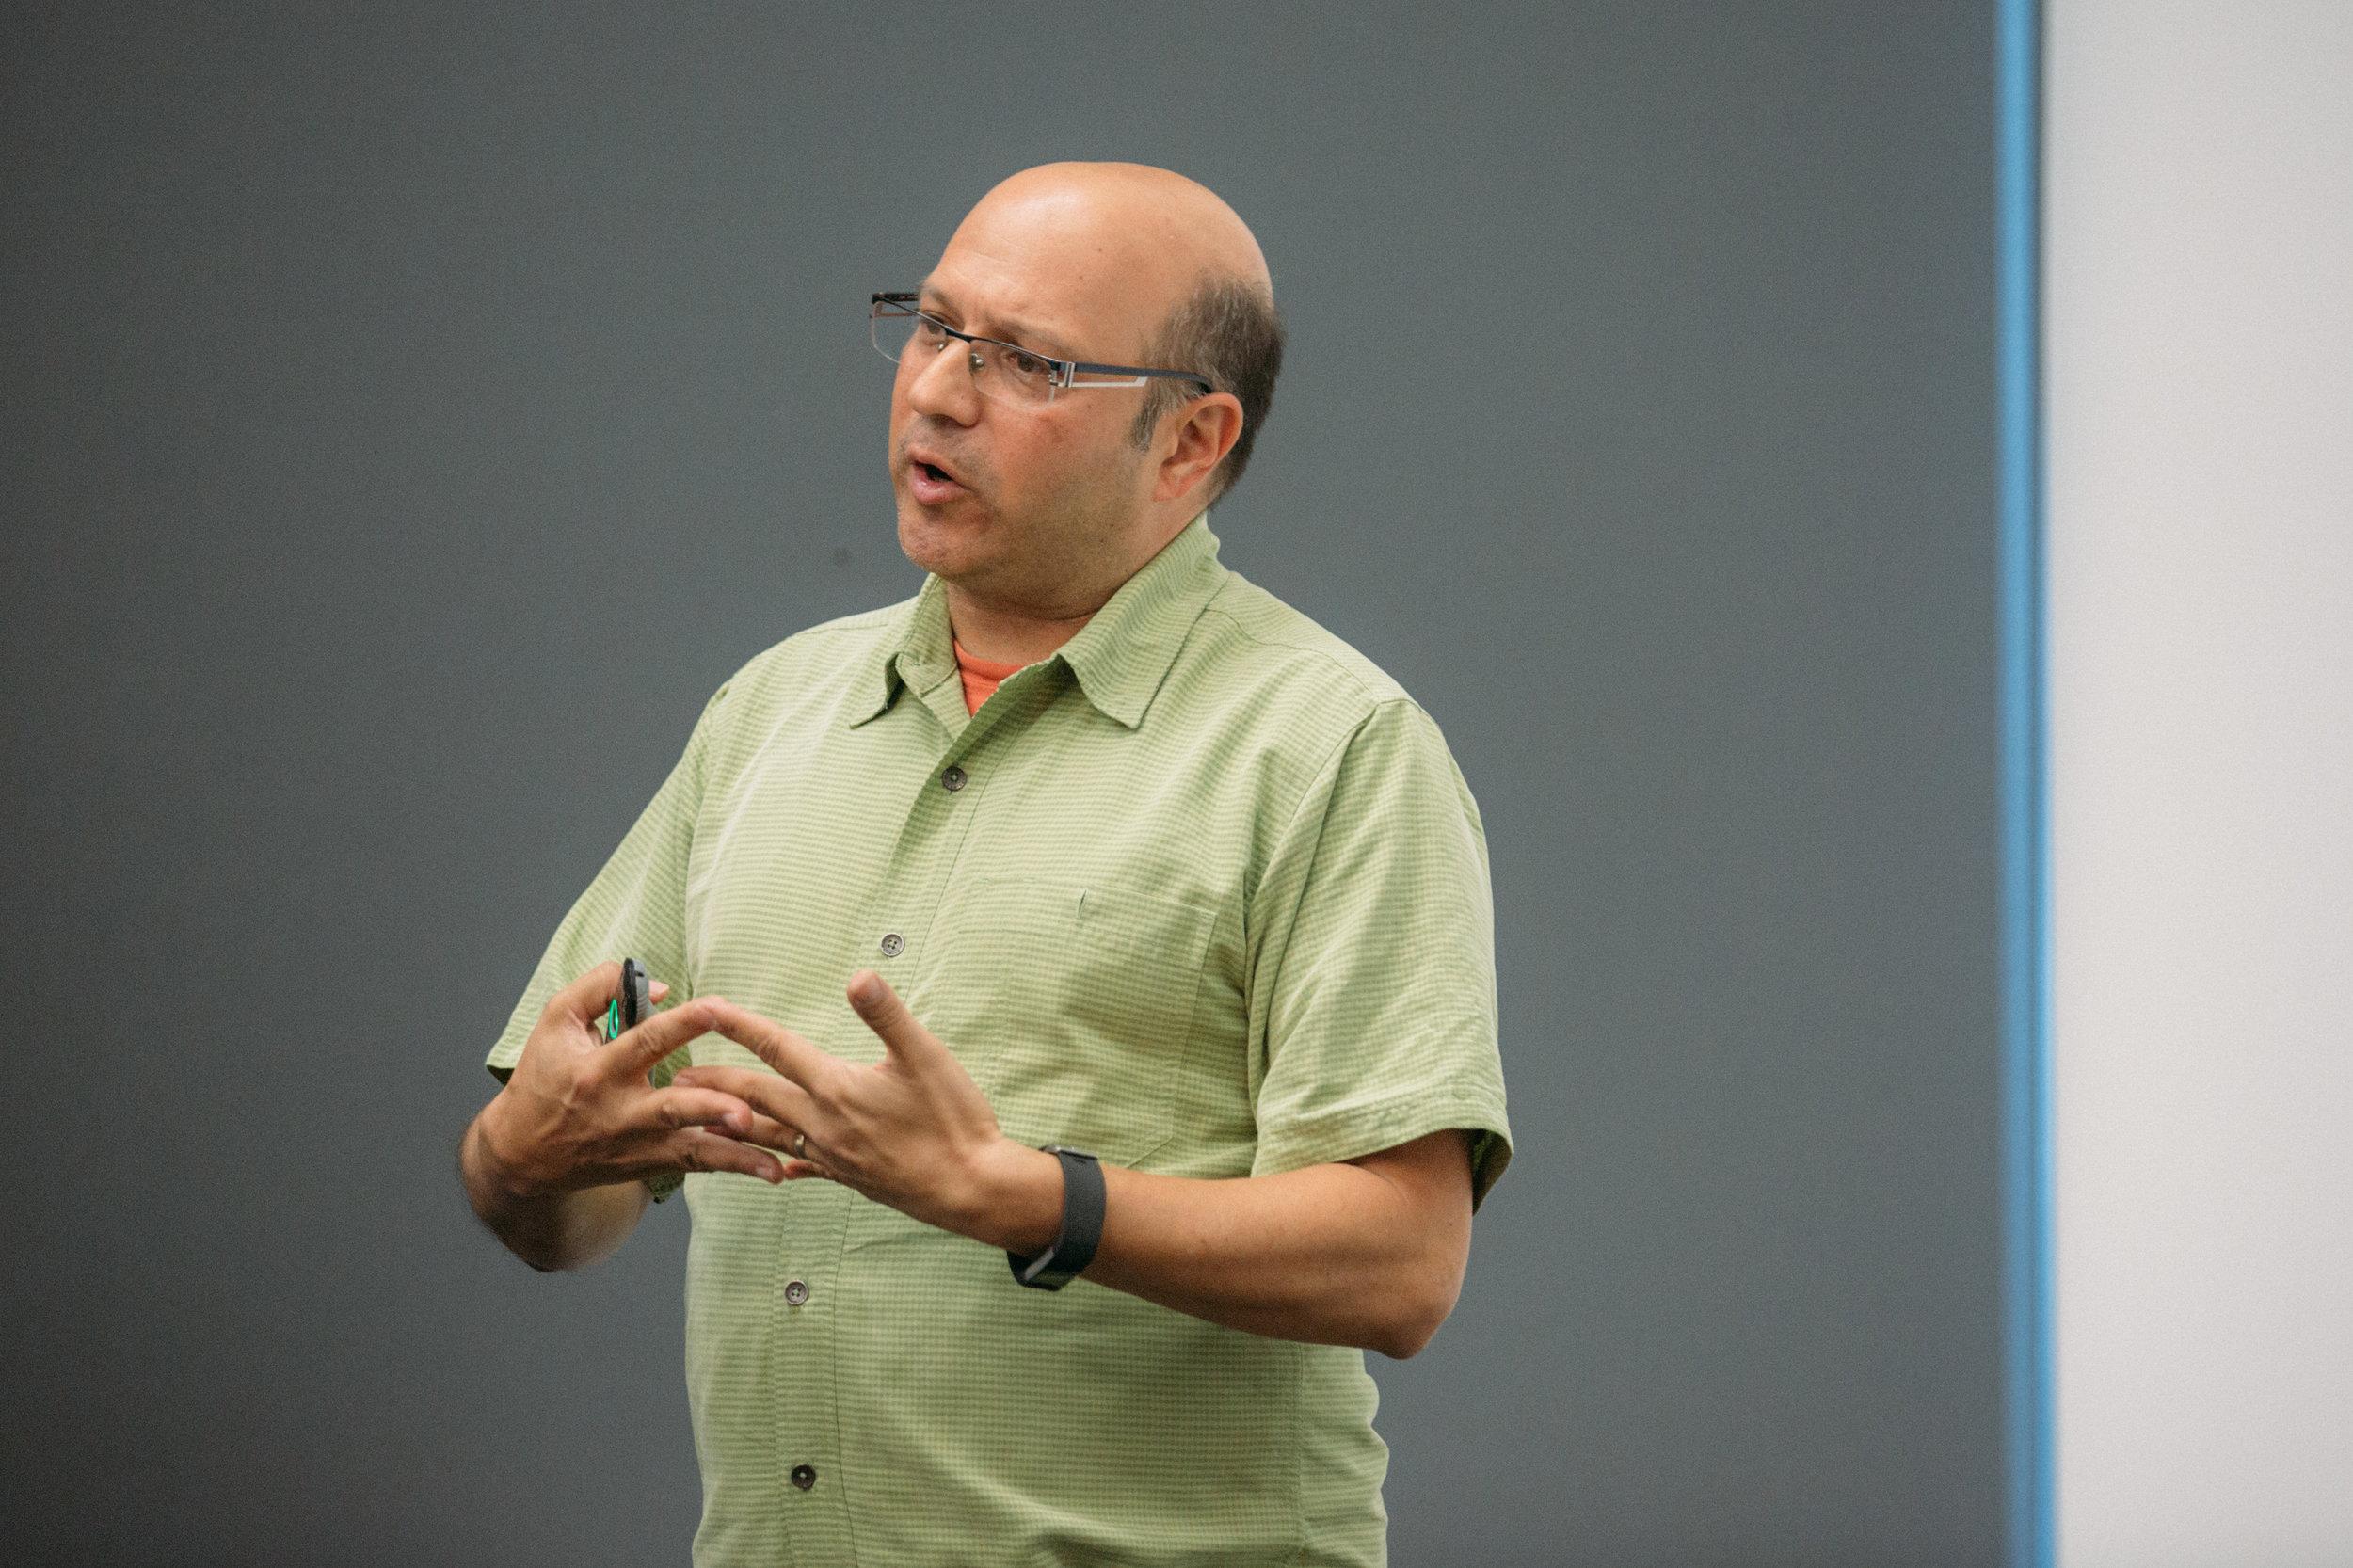 ProductCamp Cincinnati Steve Ramos Speaking 2.JPG